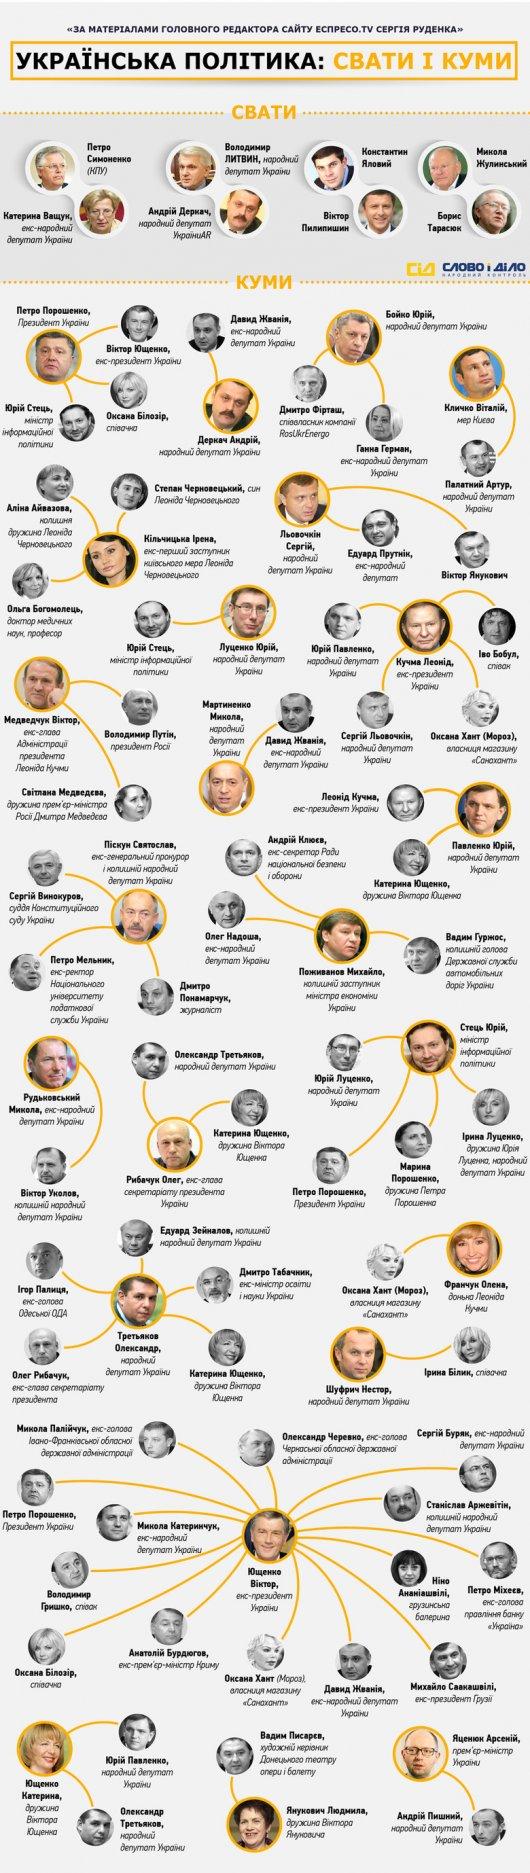 Політичне кумівство: хто кому кум і сват в українській політиці